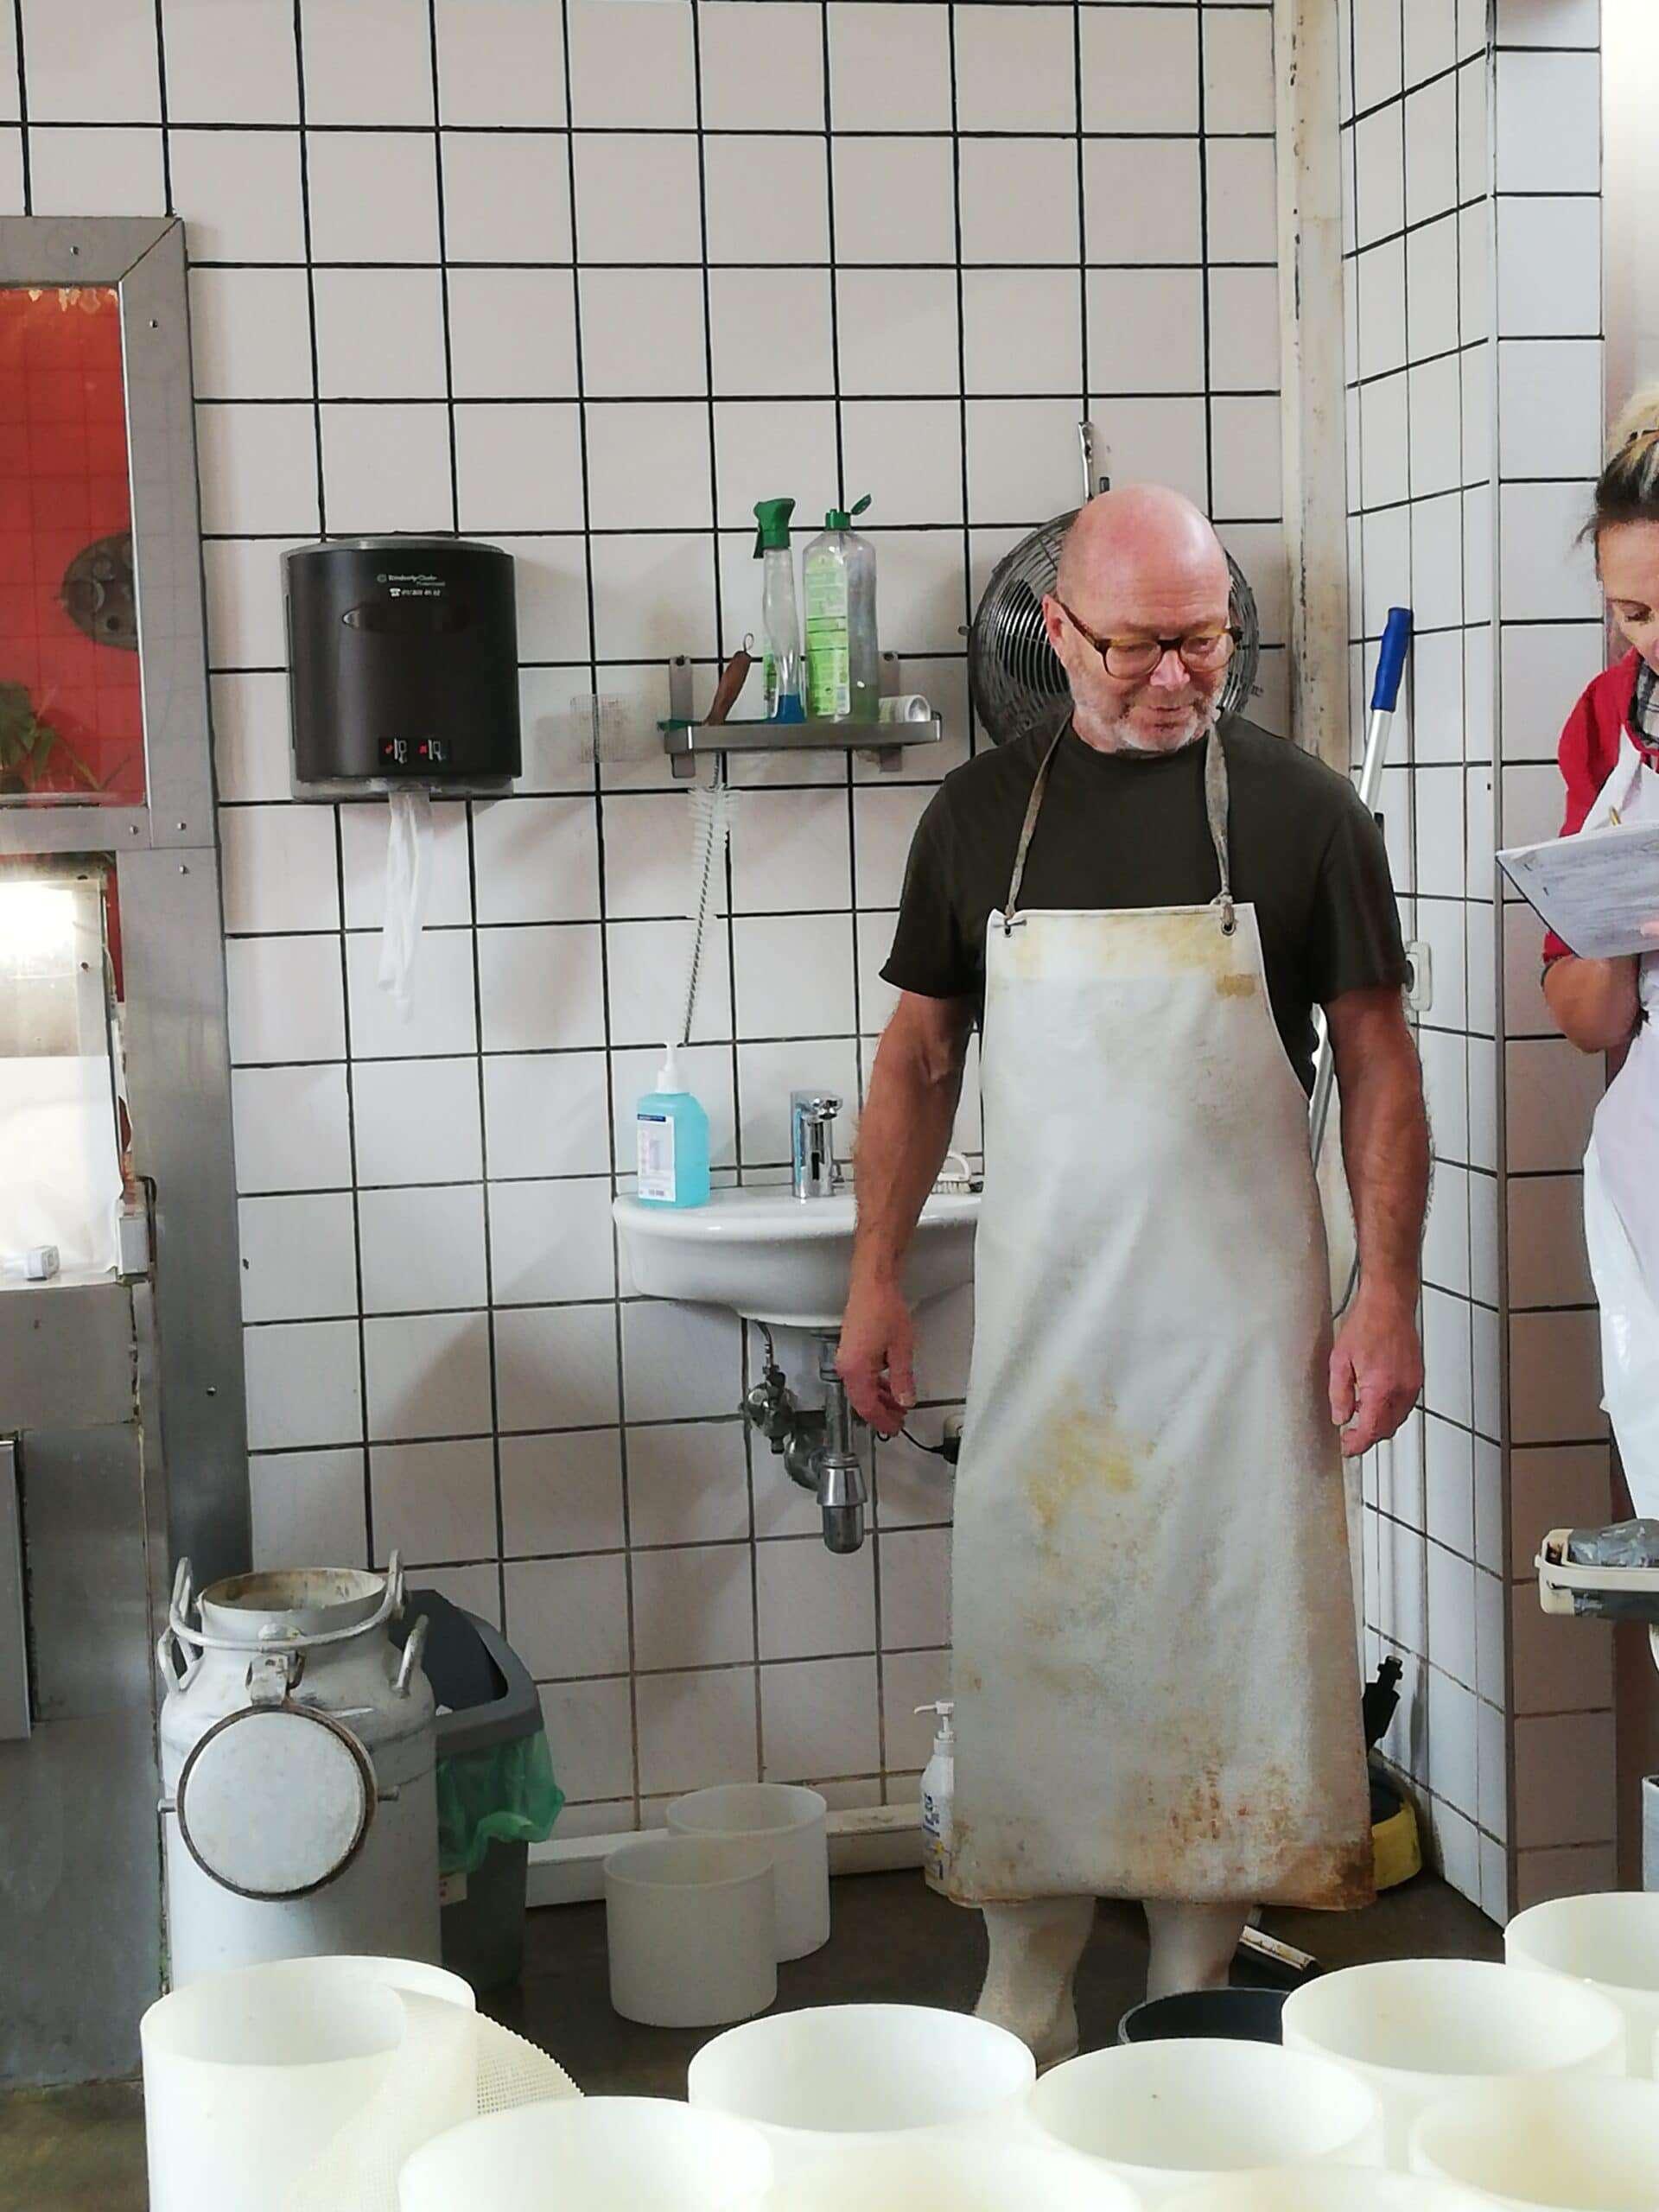 Foto - Robert und der Rohmilchkäse